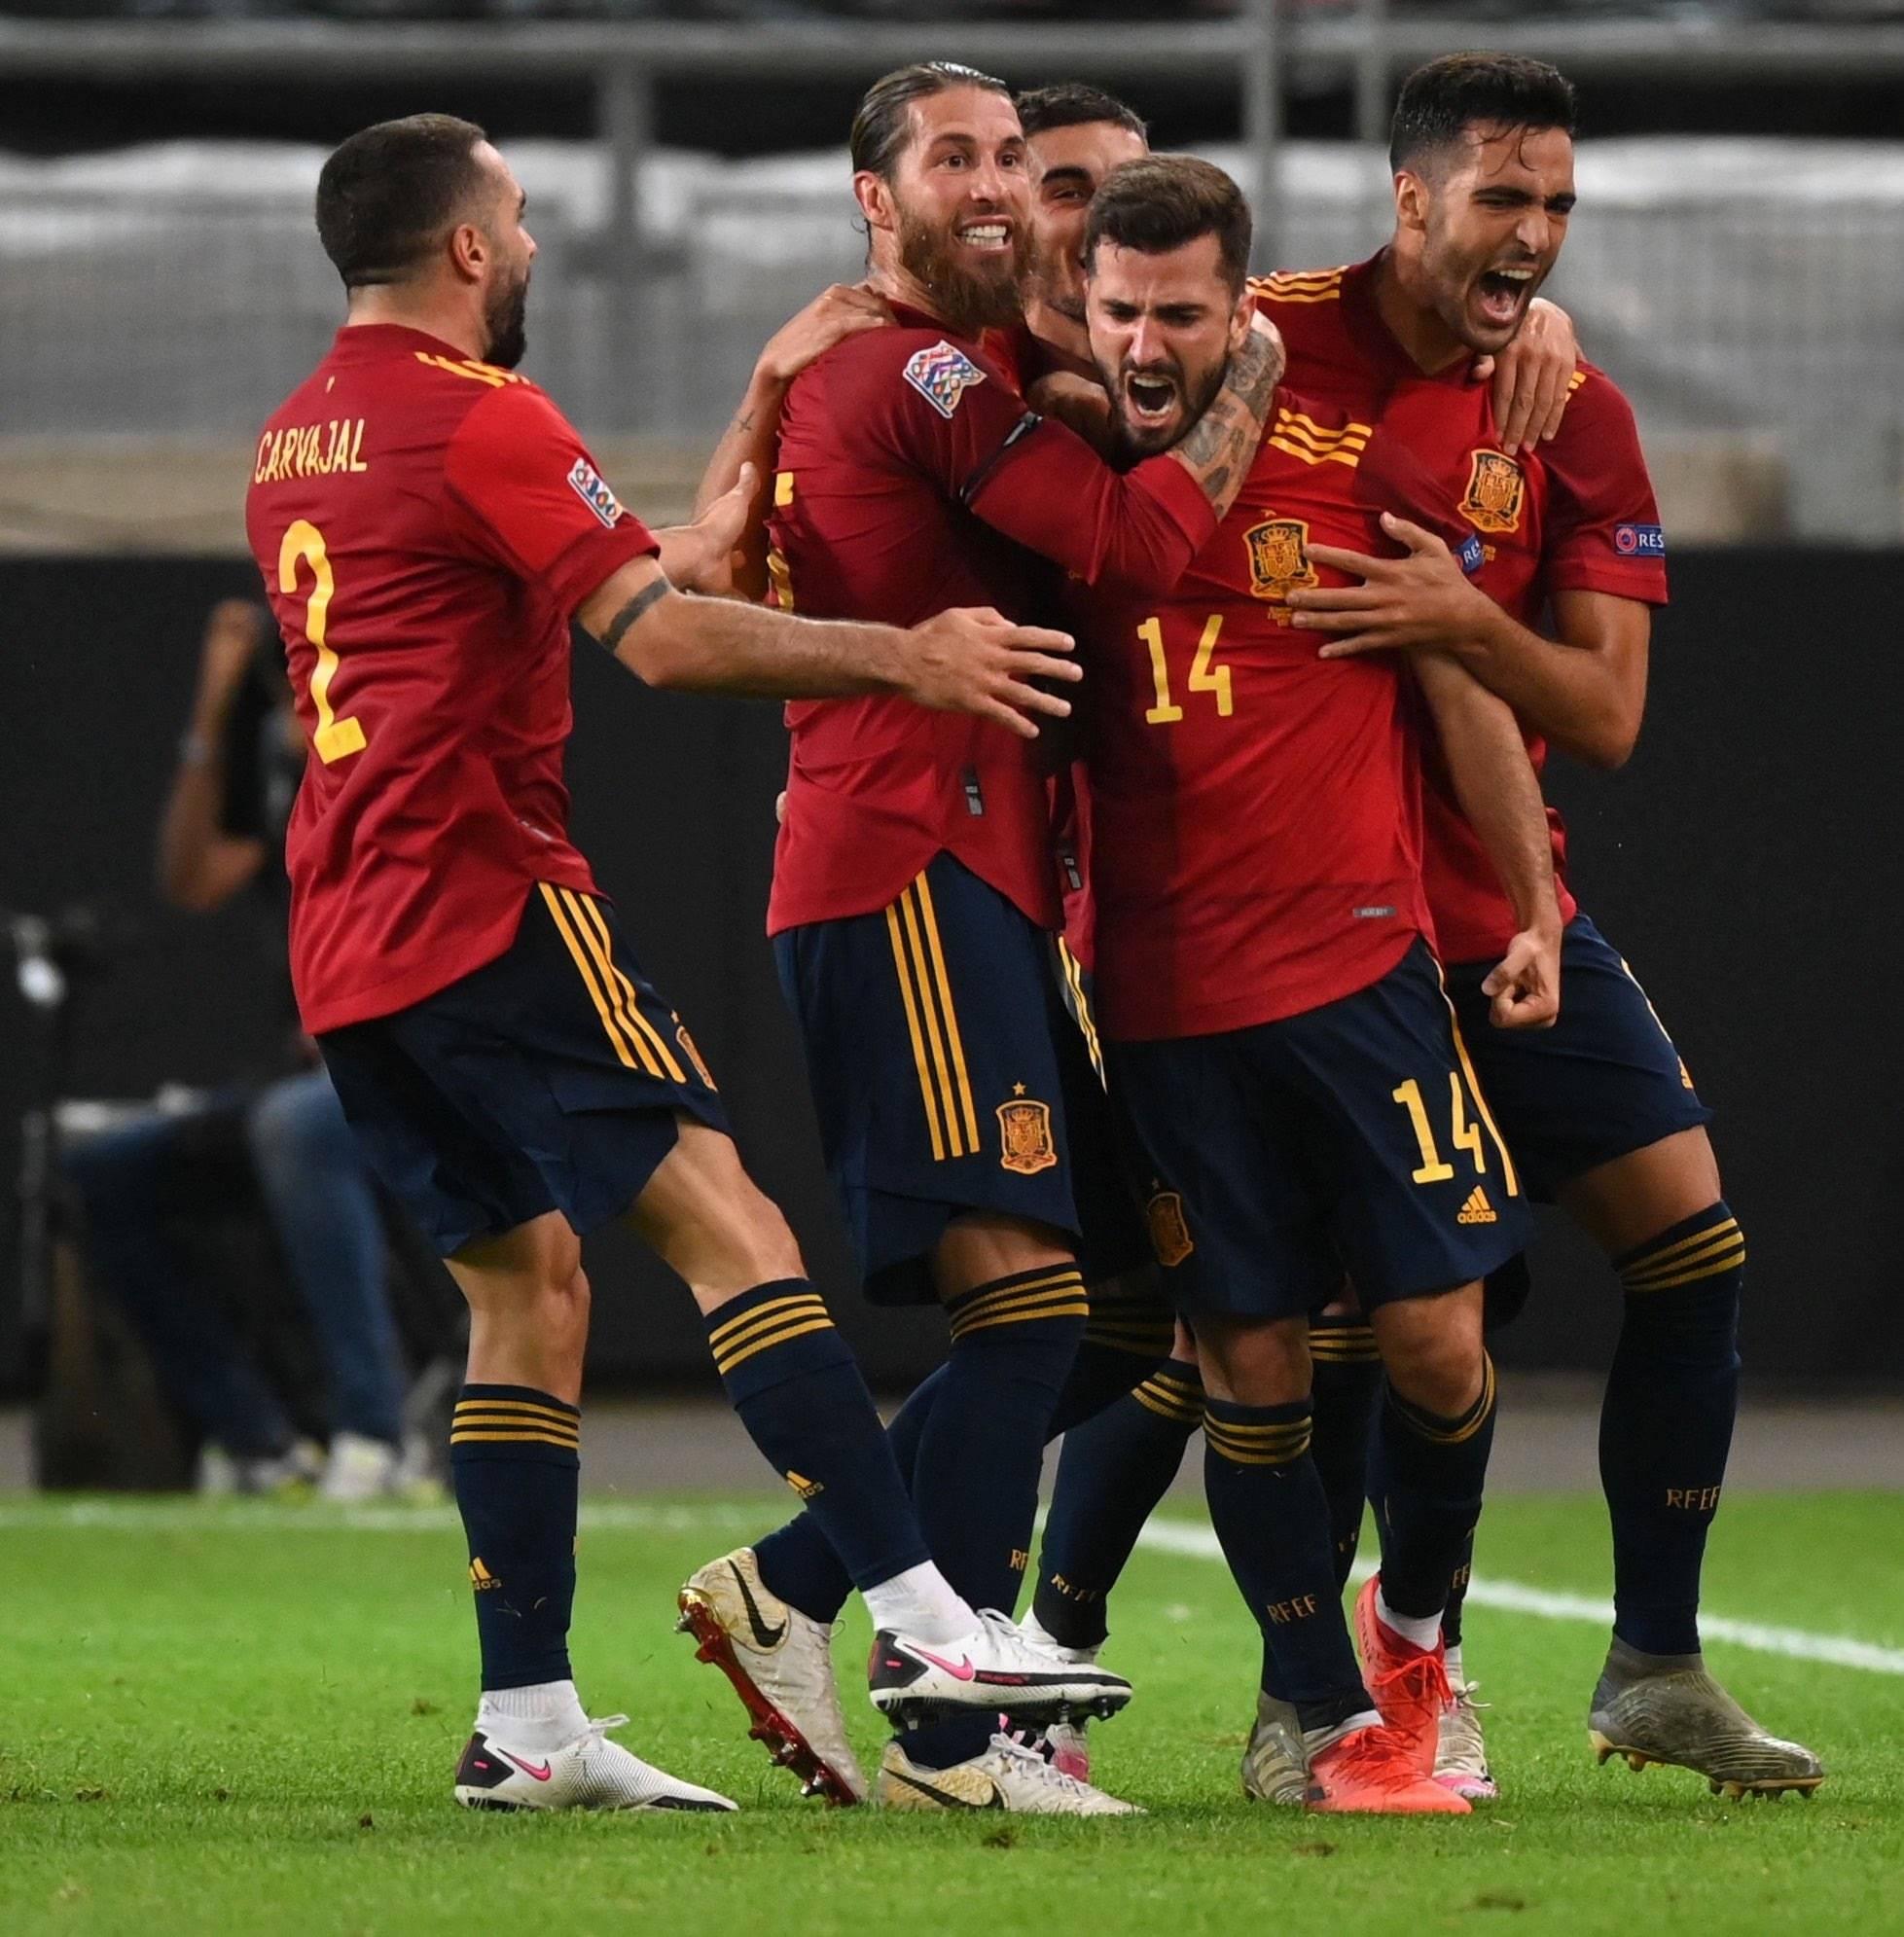 欧国联第一轮比赛德国队1:1西班牙人队,维尔纳与加亚各进一球-4